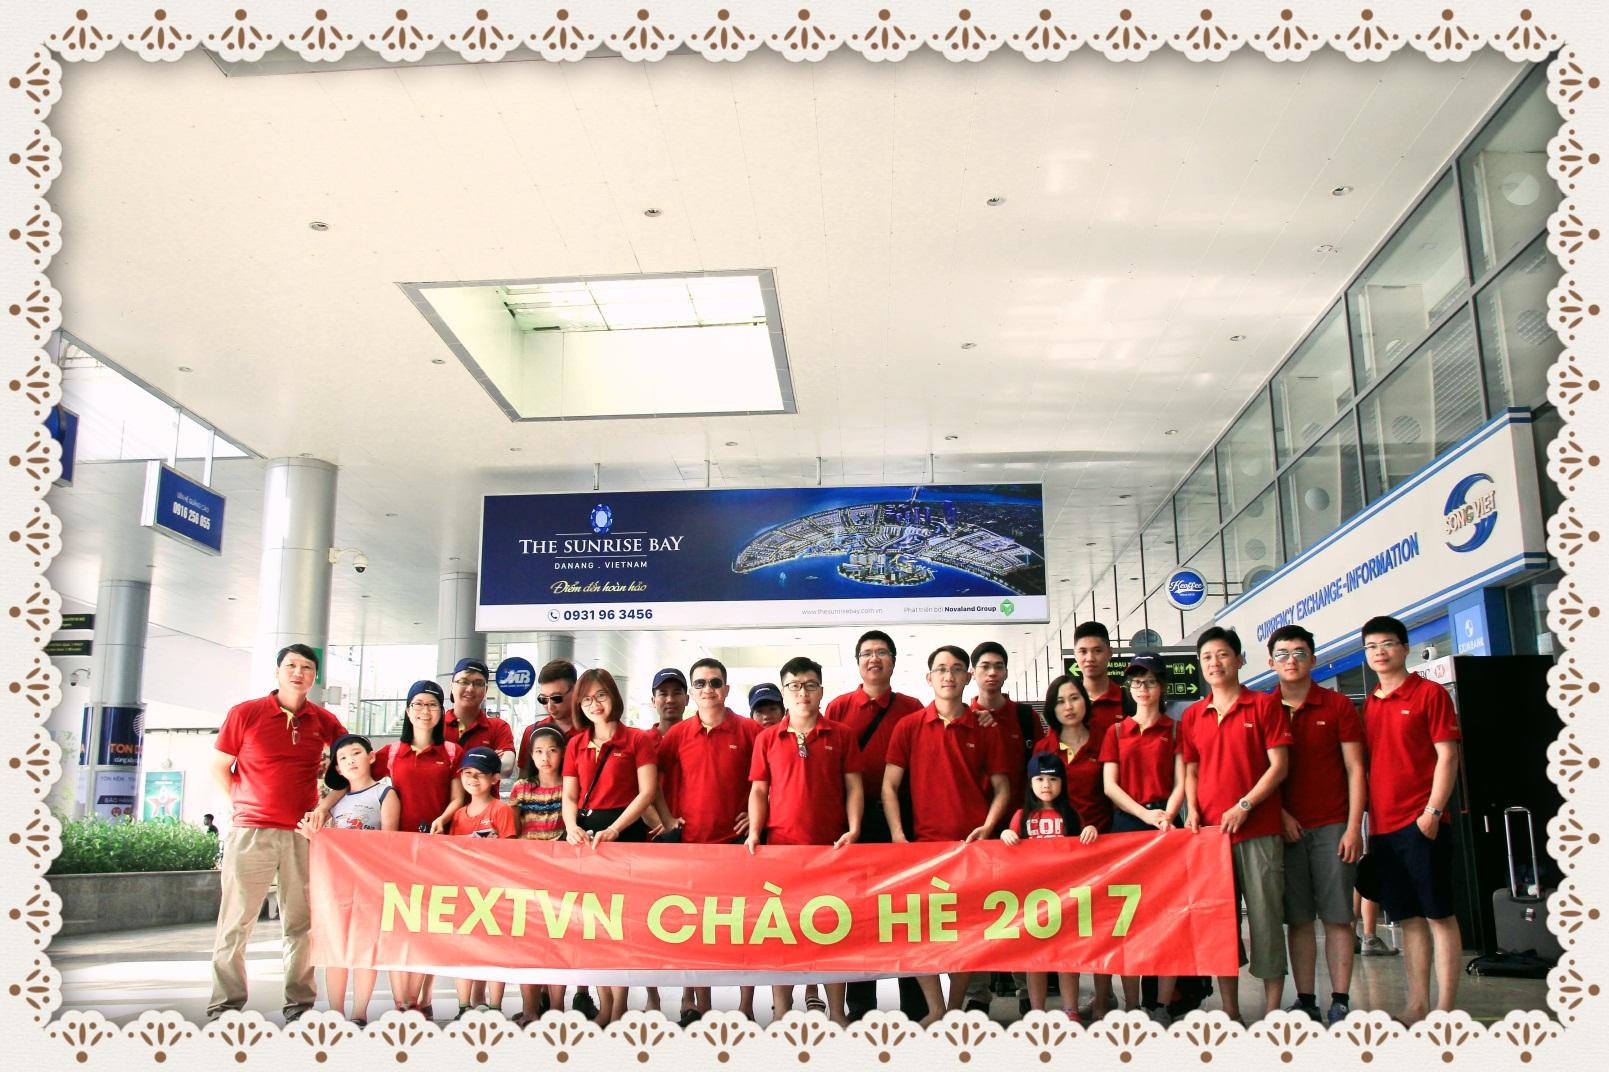 NextVn chào hè 2017/ Huế - Đà Nẵng